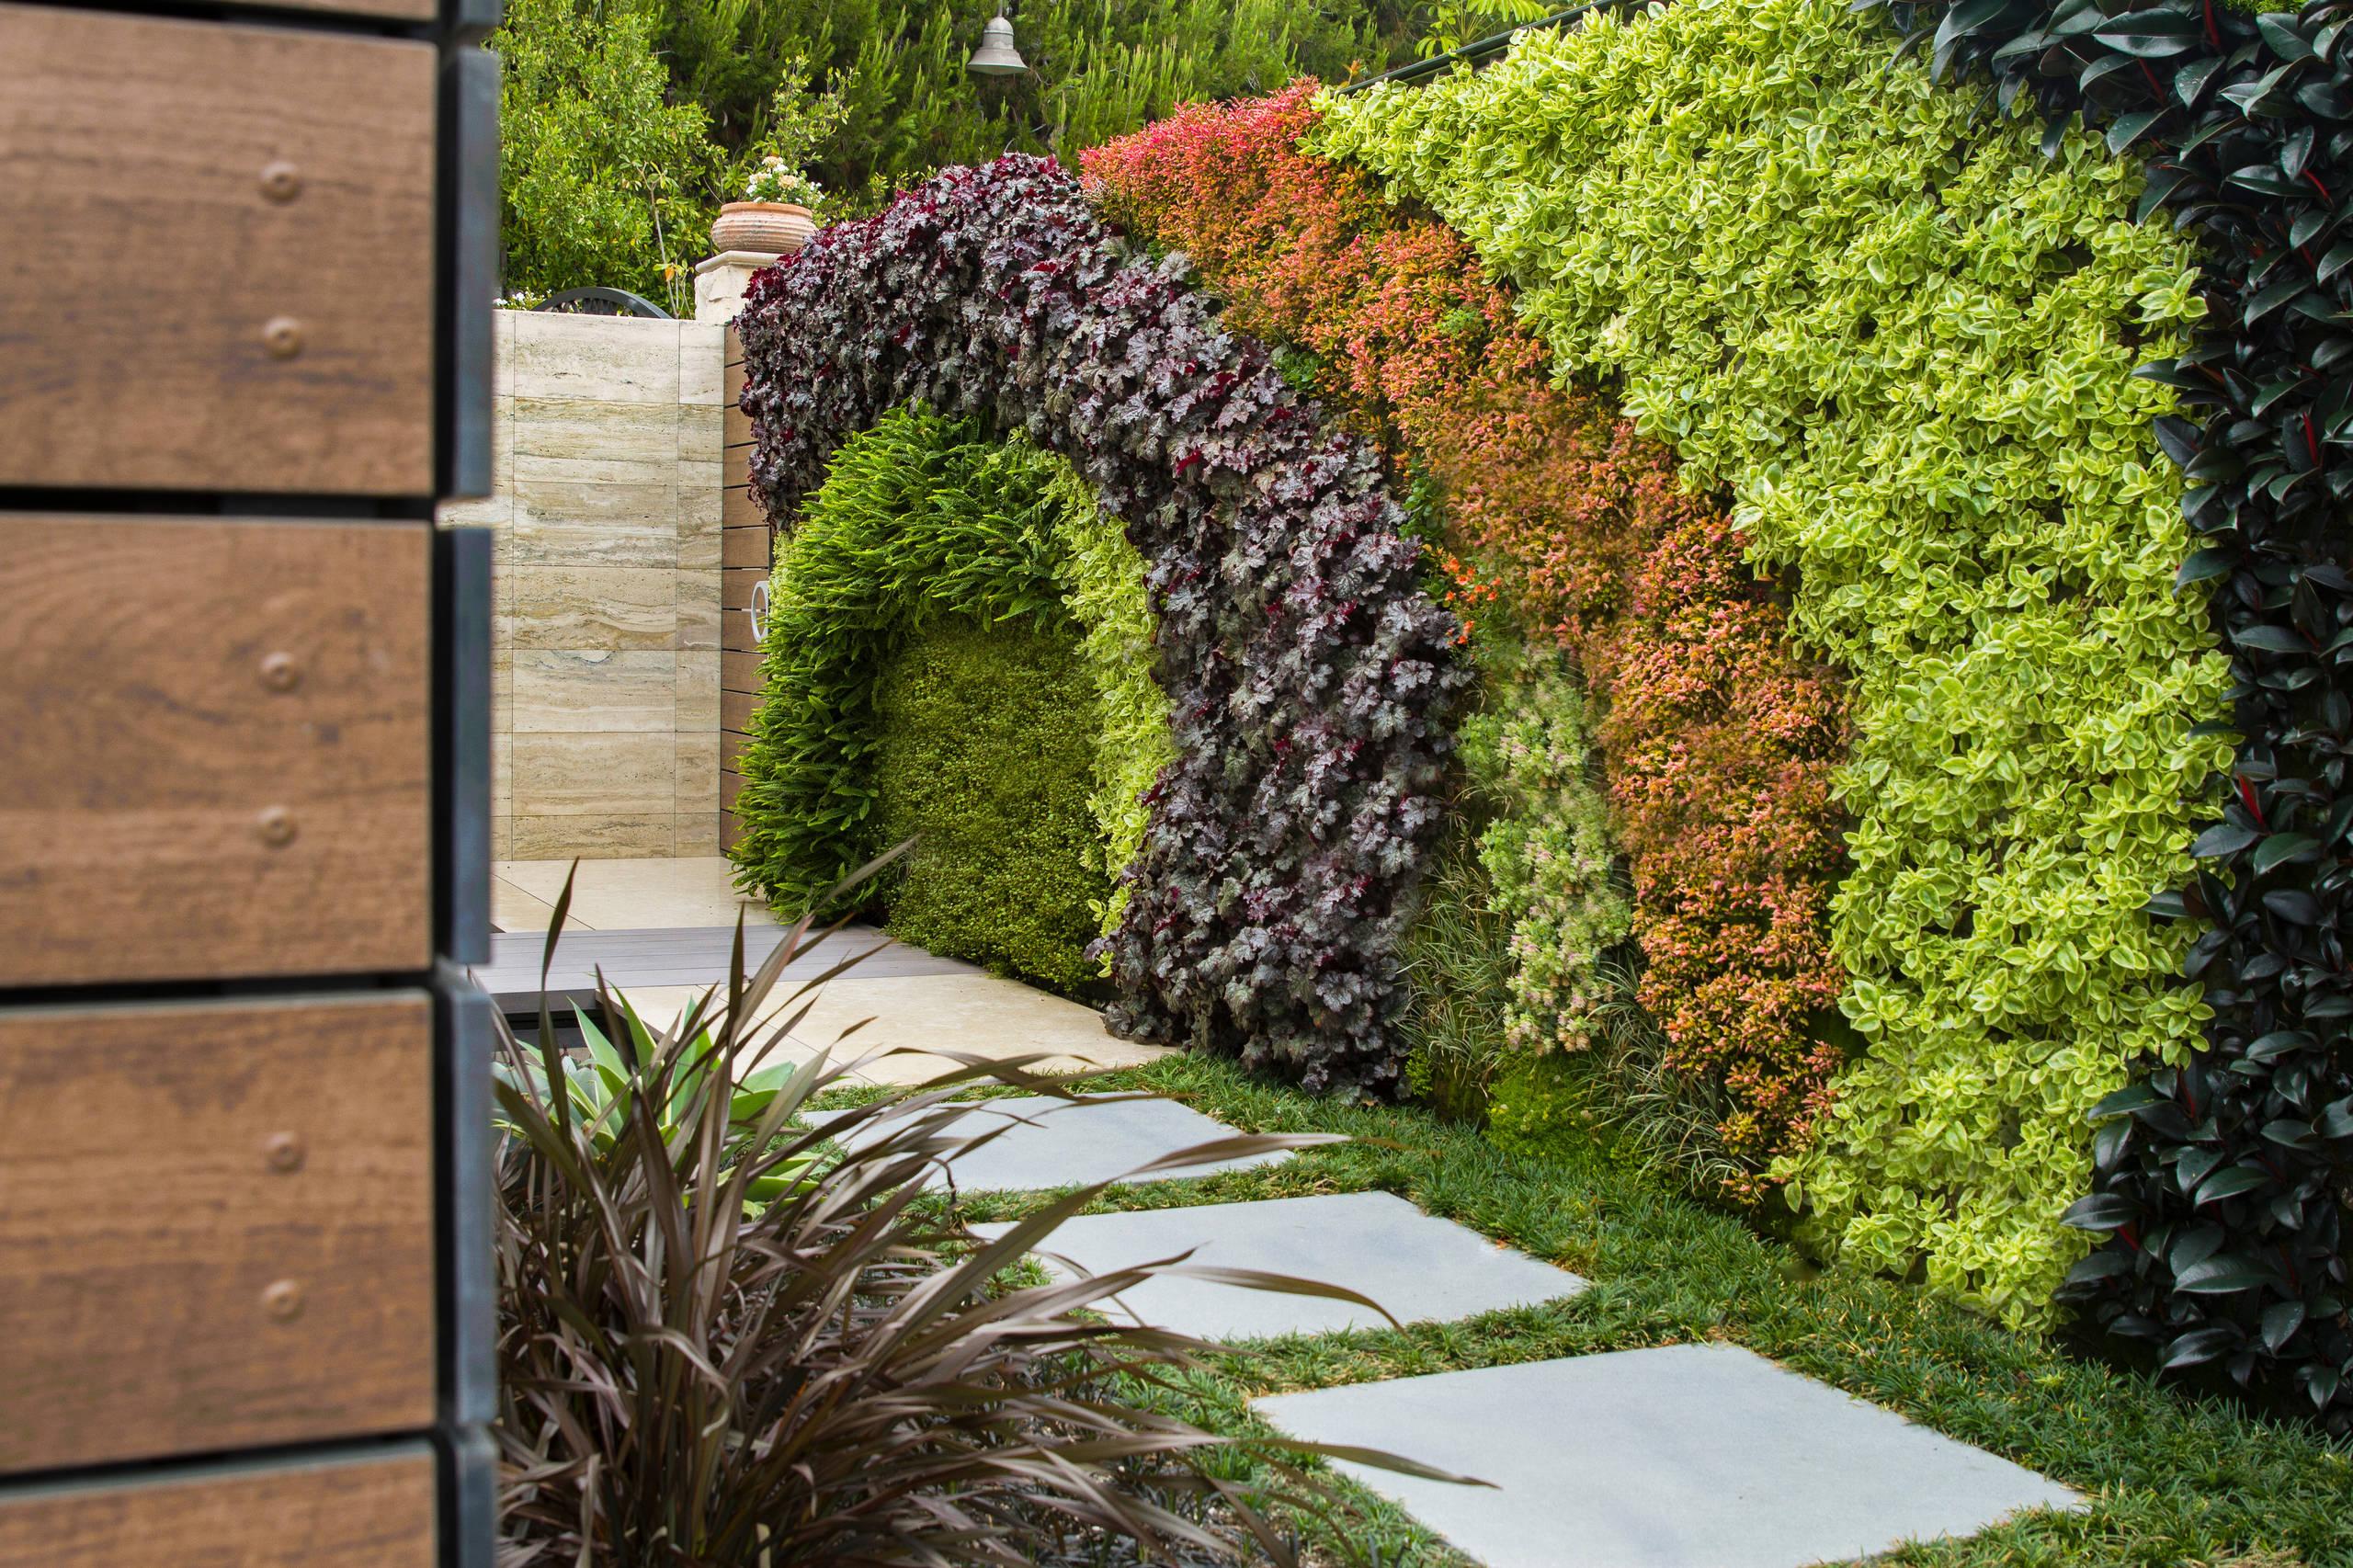 living-walls-in-garden 100+ Surprising Garden Design Ideas You Should Not Miss in 2021